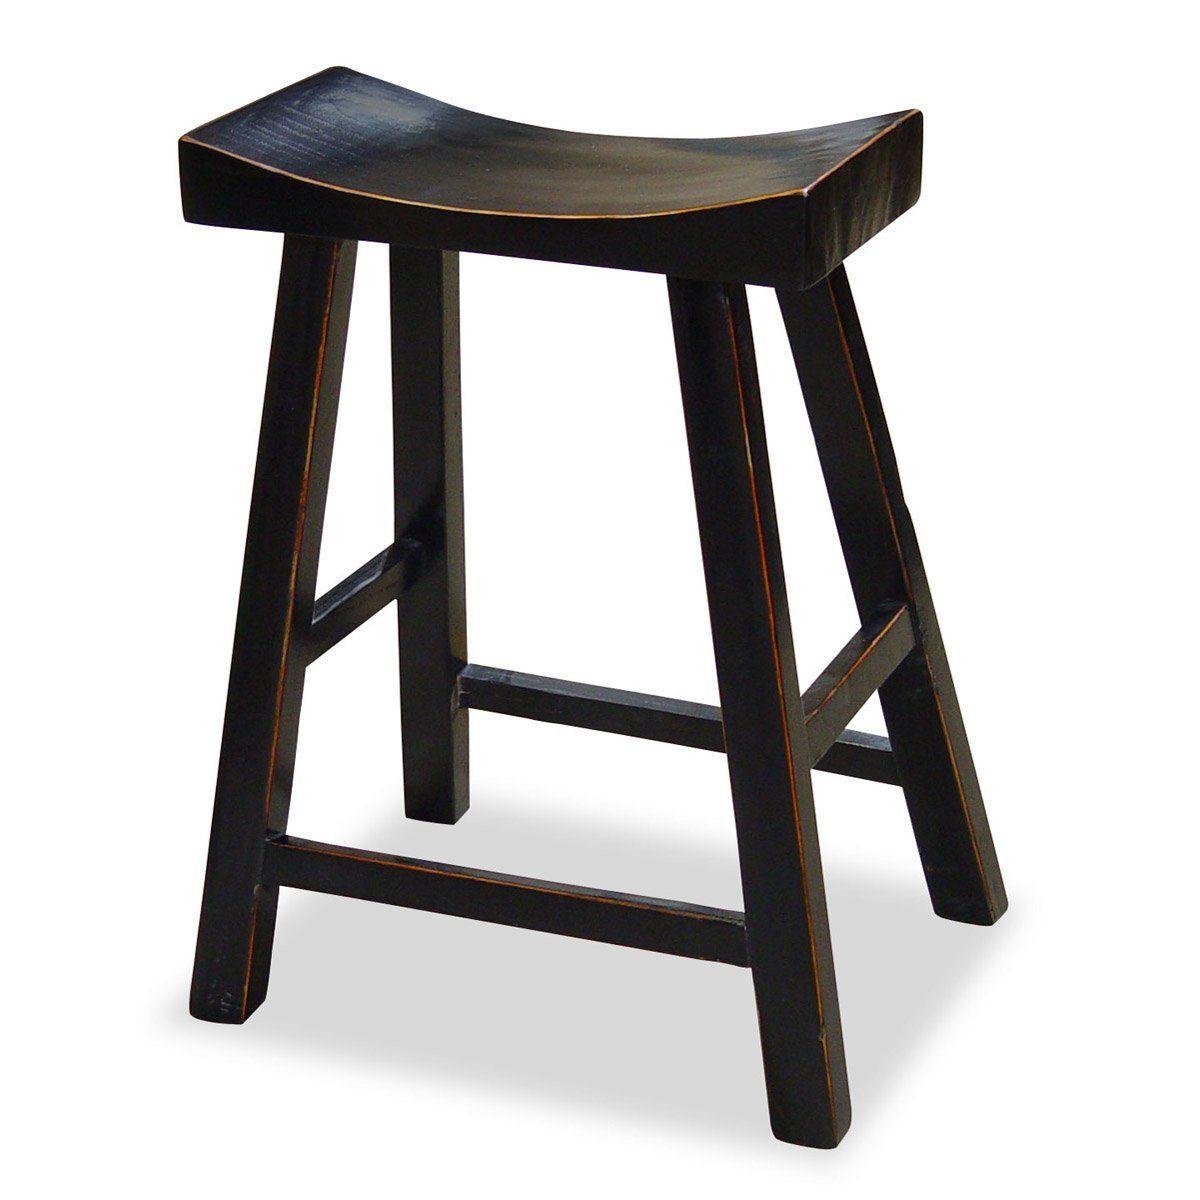 Beautiful Amazoncom Asian Zen Bar Stool Black Barstools Without Backs